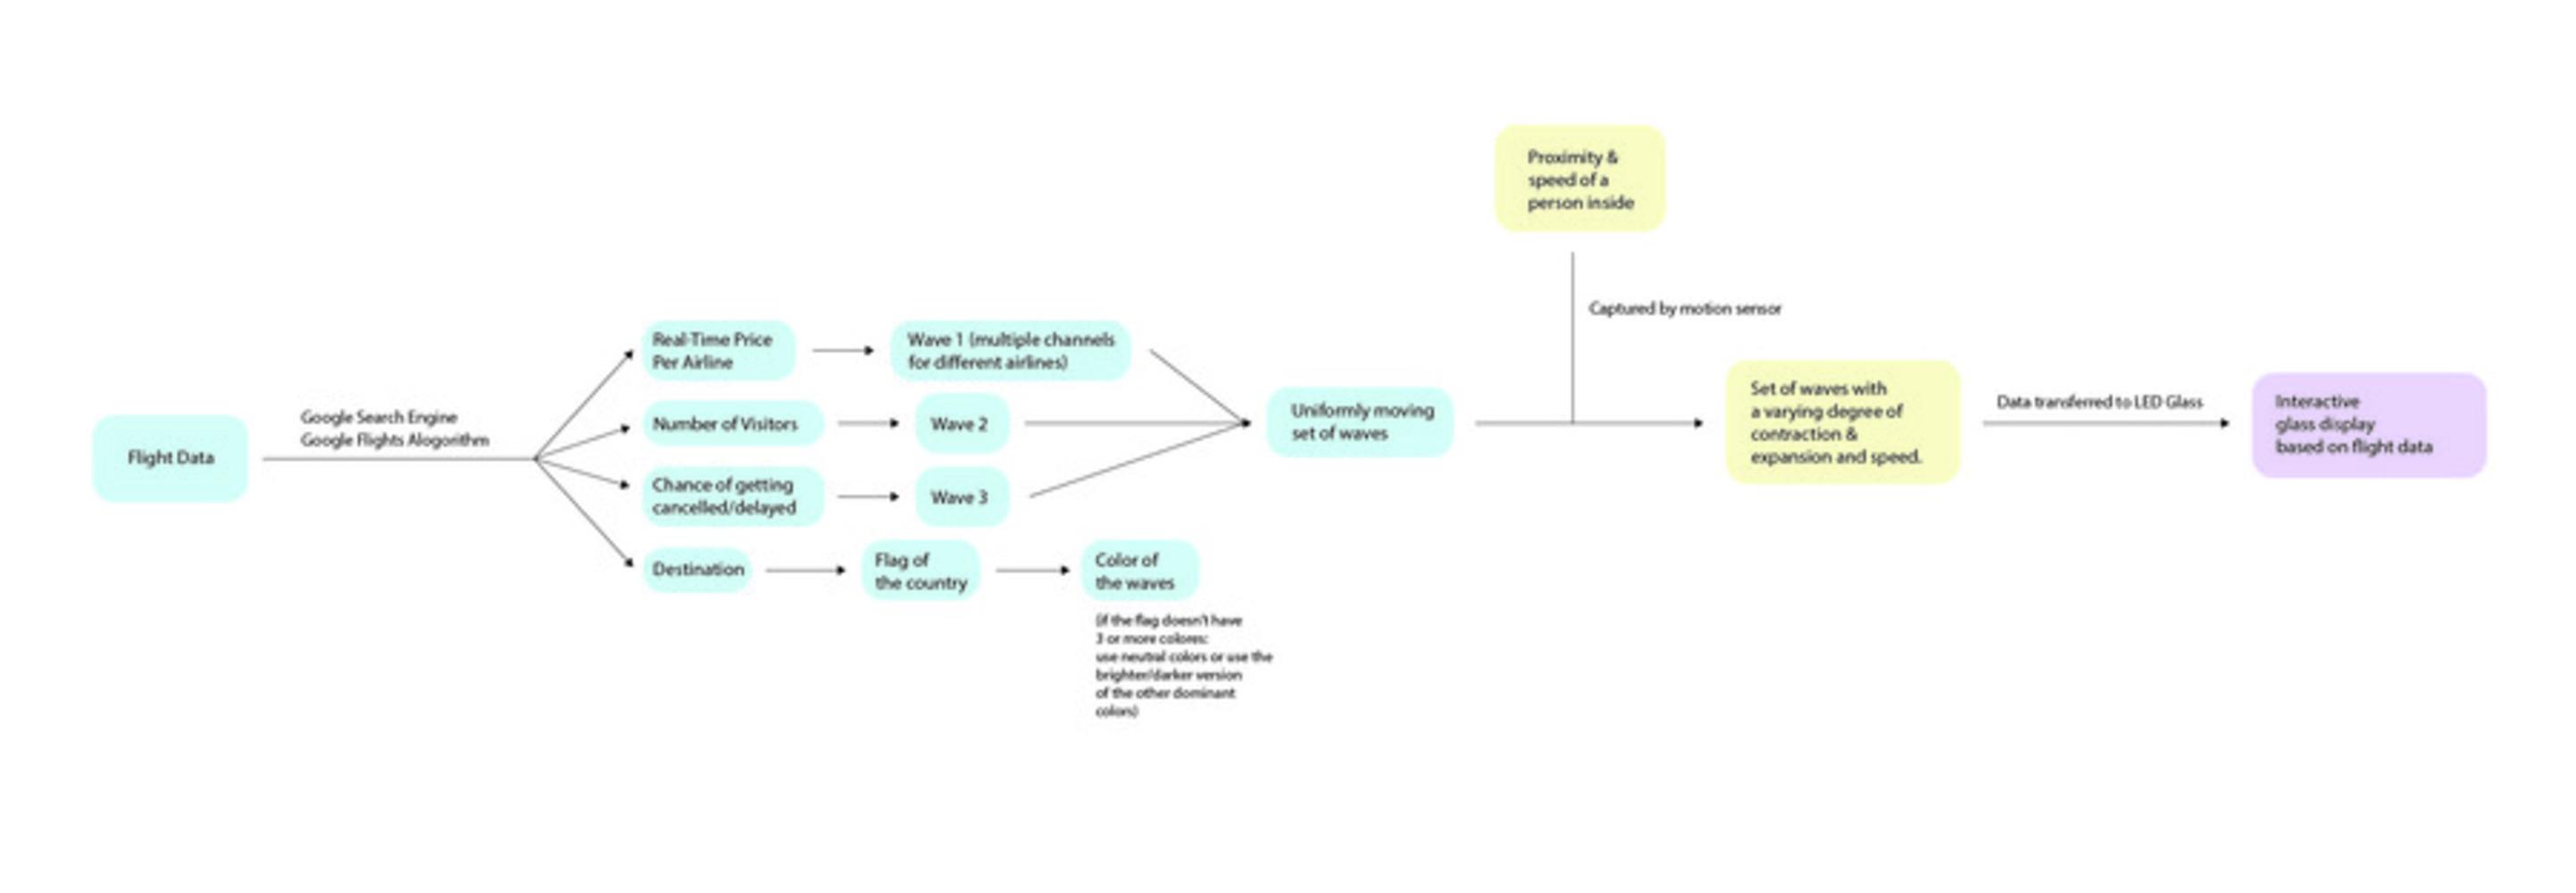 Data flow diagram 01.thumb